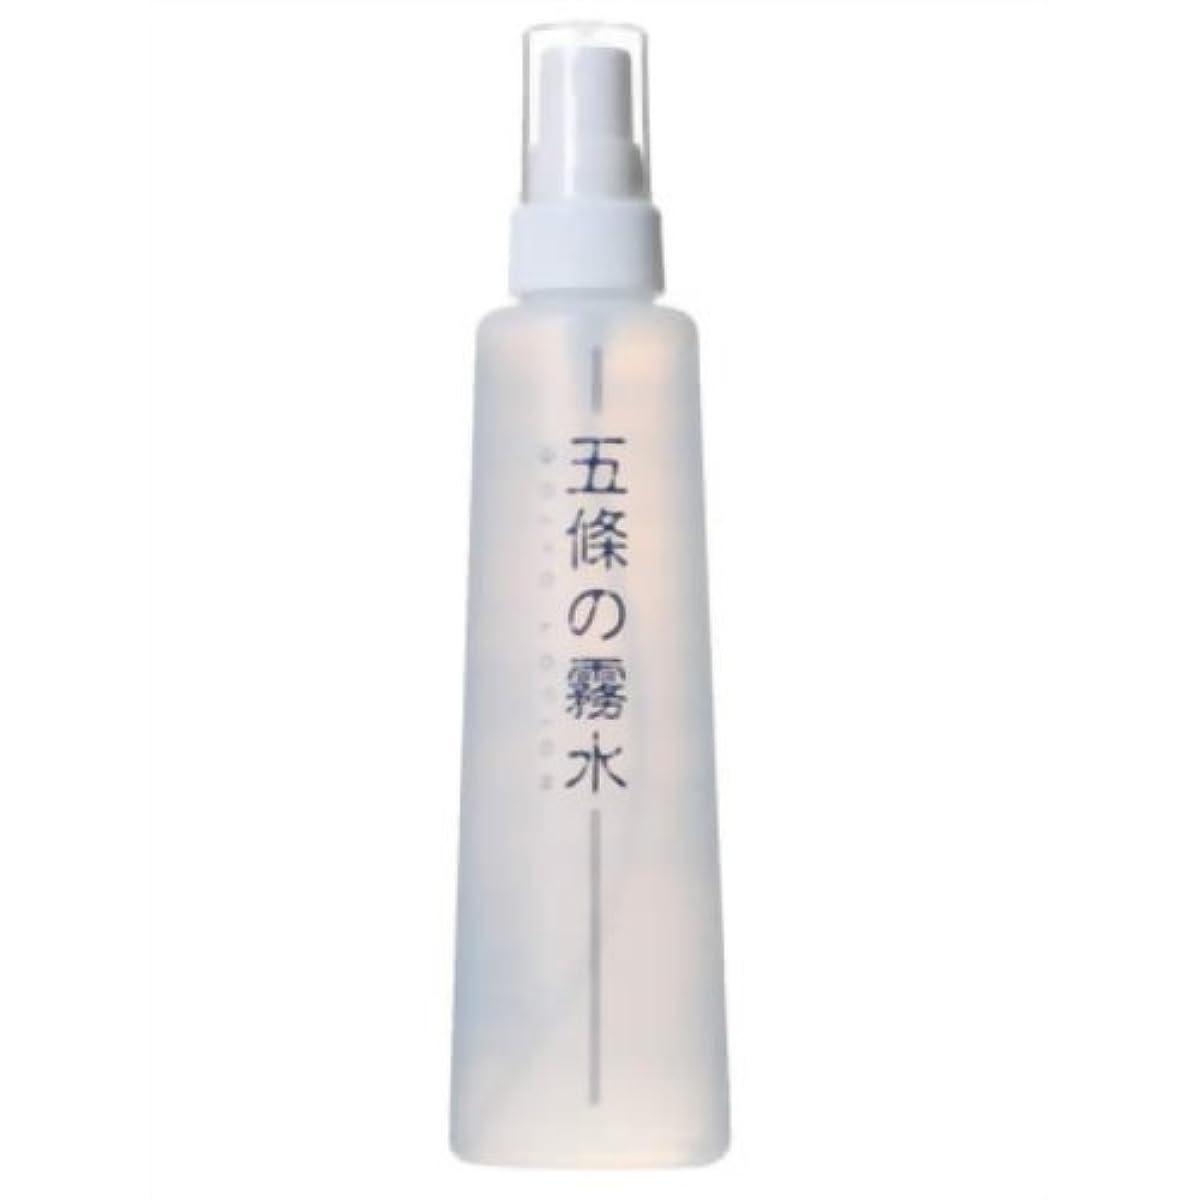 砲撃メロドラマネスト五條の霧水ベーシック(200ml)